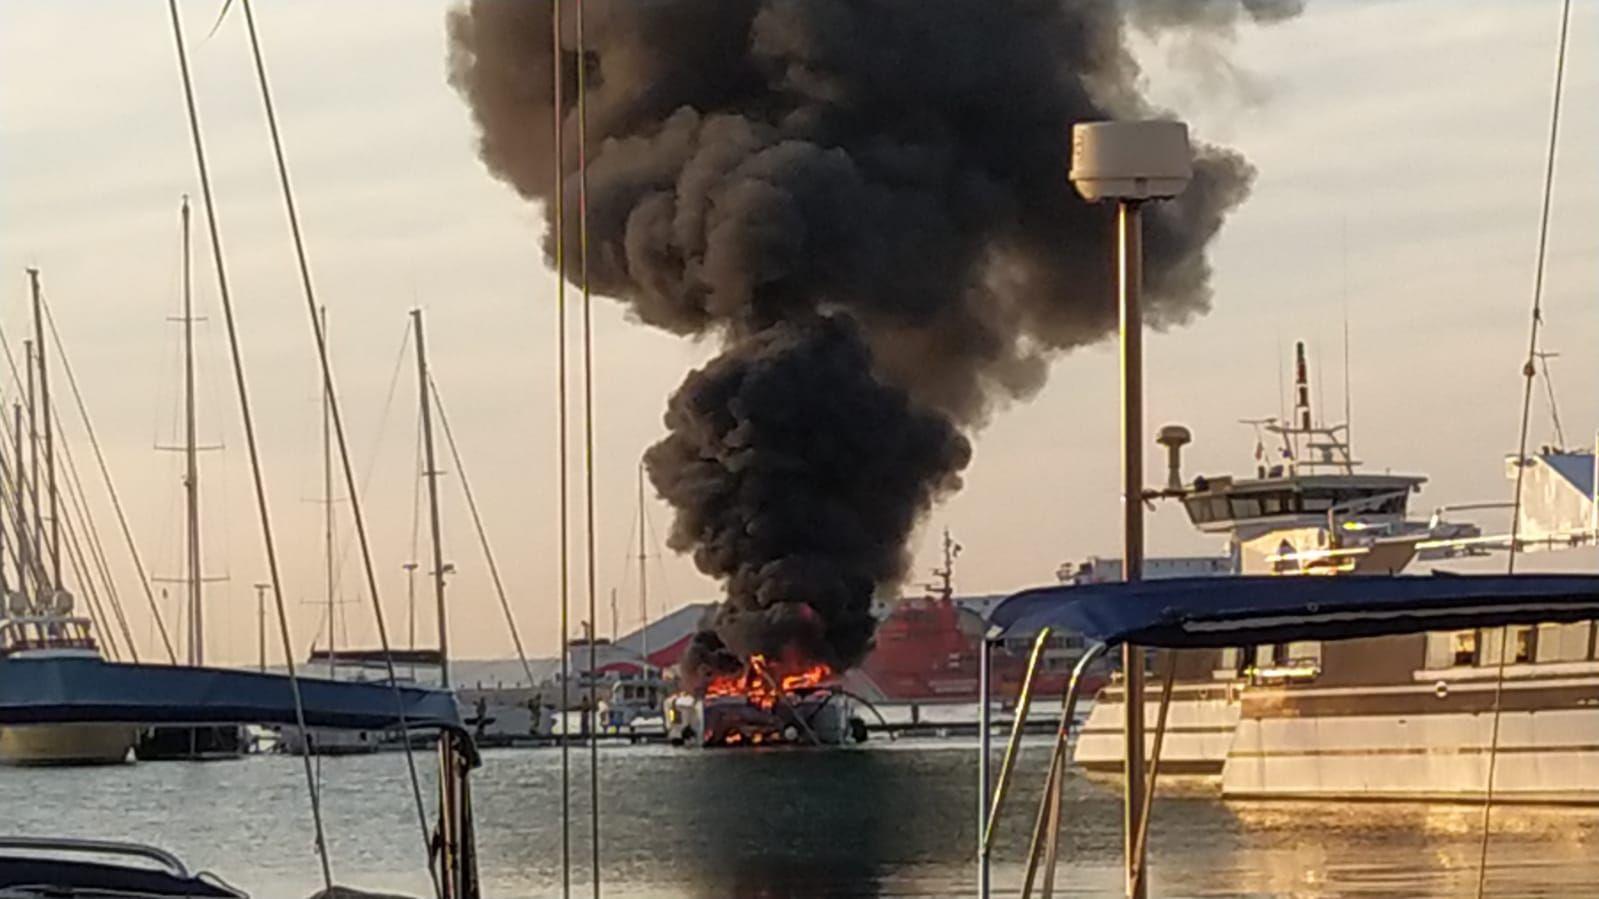 Arde un catamarán en el puerto de Palma